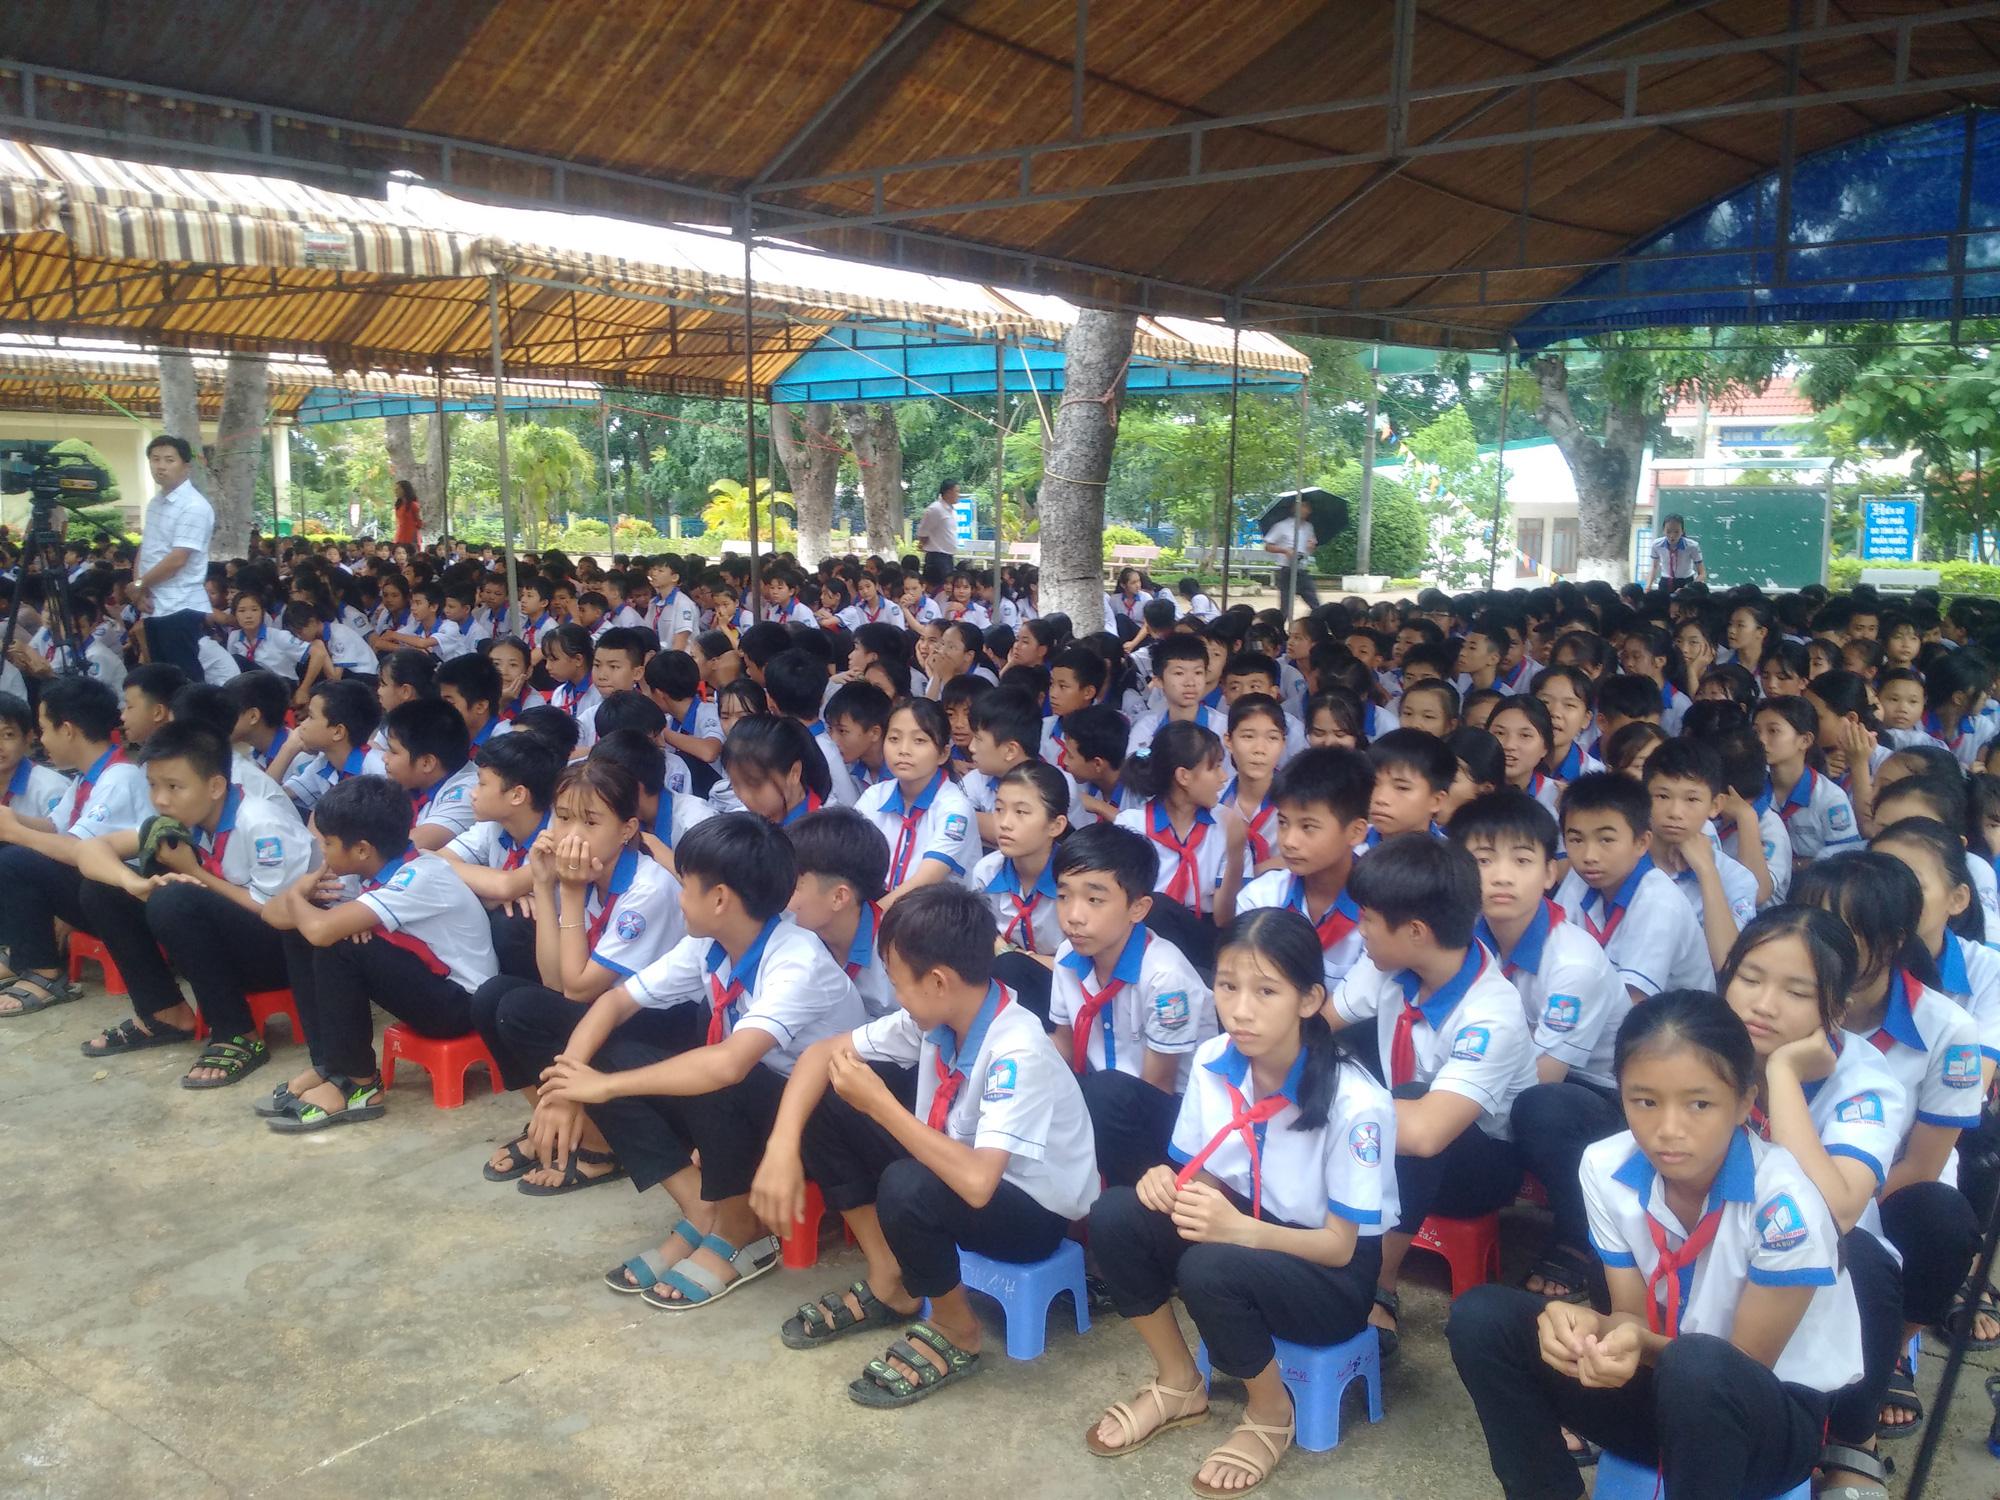 Tổng Công ty Điện lực miền Trung bàn giao hệ thống điện mặt trời mái nhà cho trường học tại Đắk Lắk - Ảnh 3.